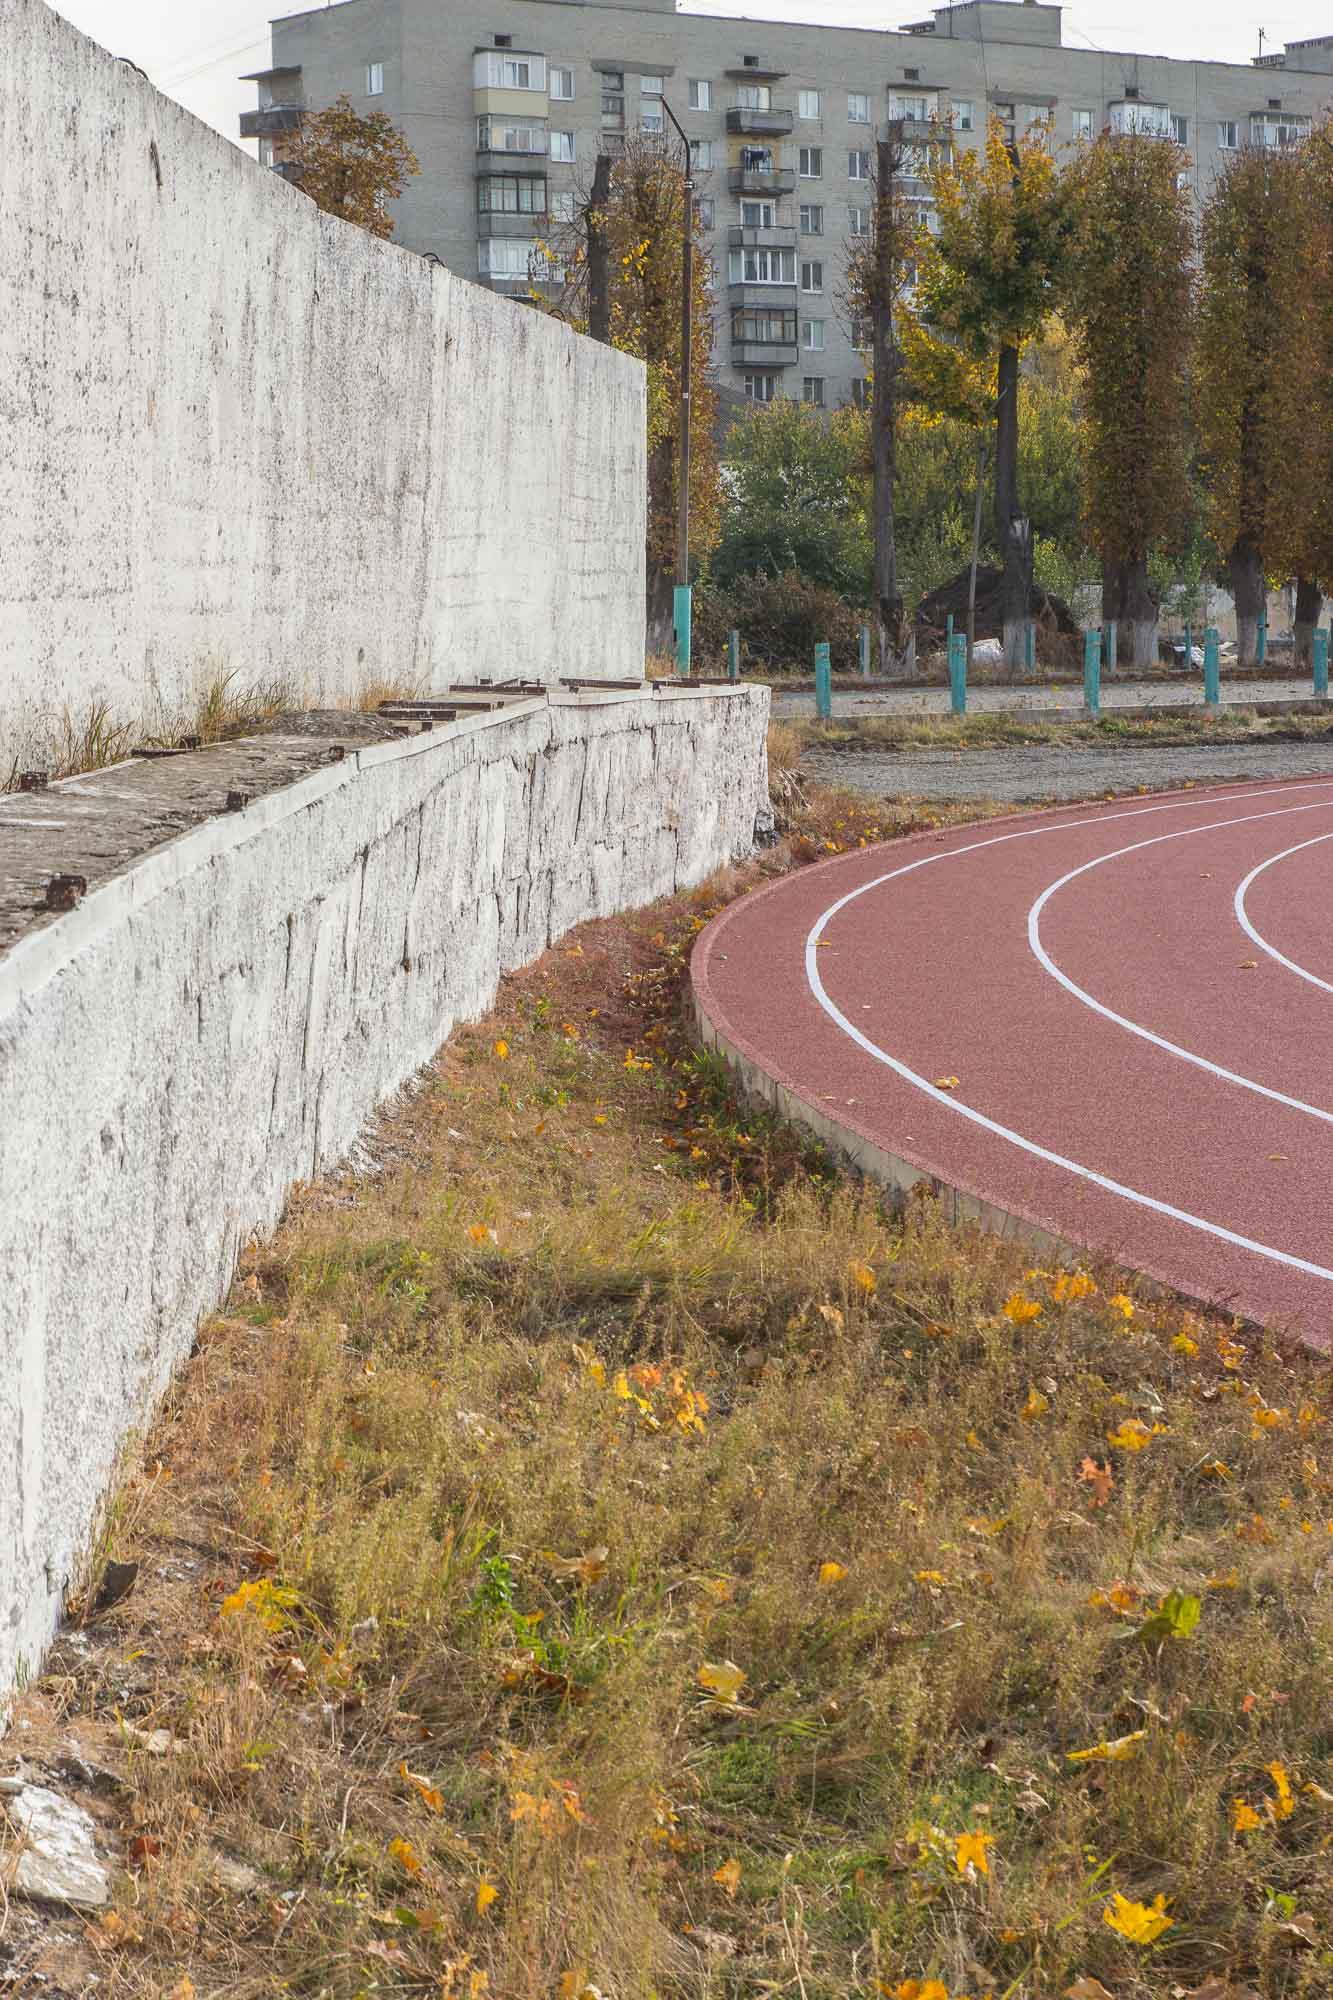 Бігові доріжки примикають до паркану. Фото: Цукр